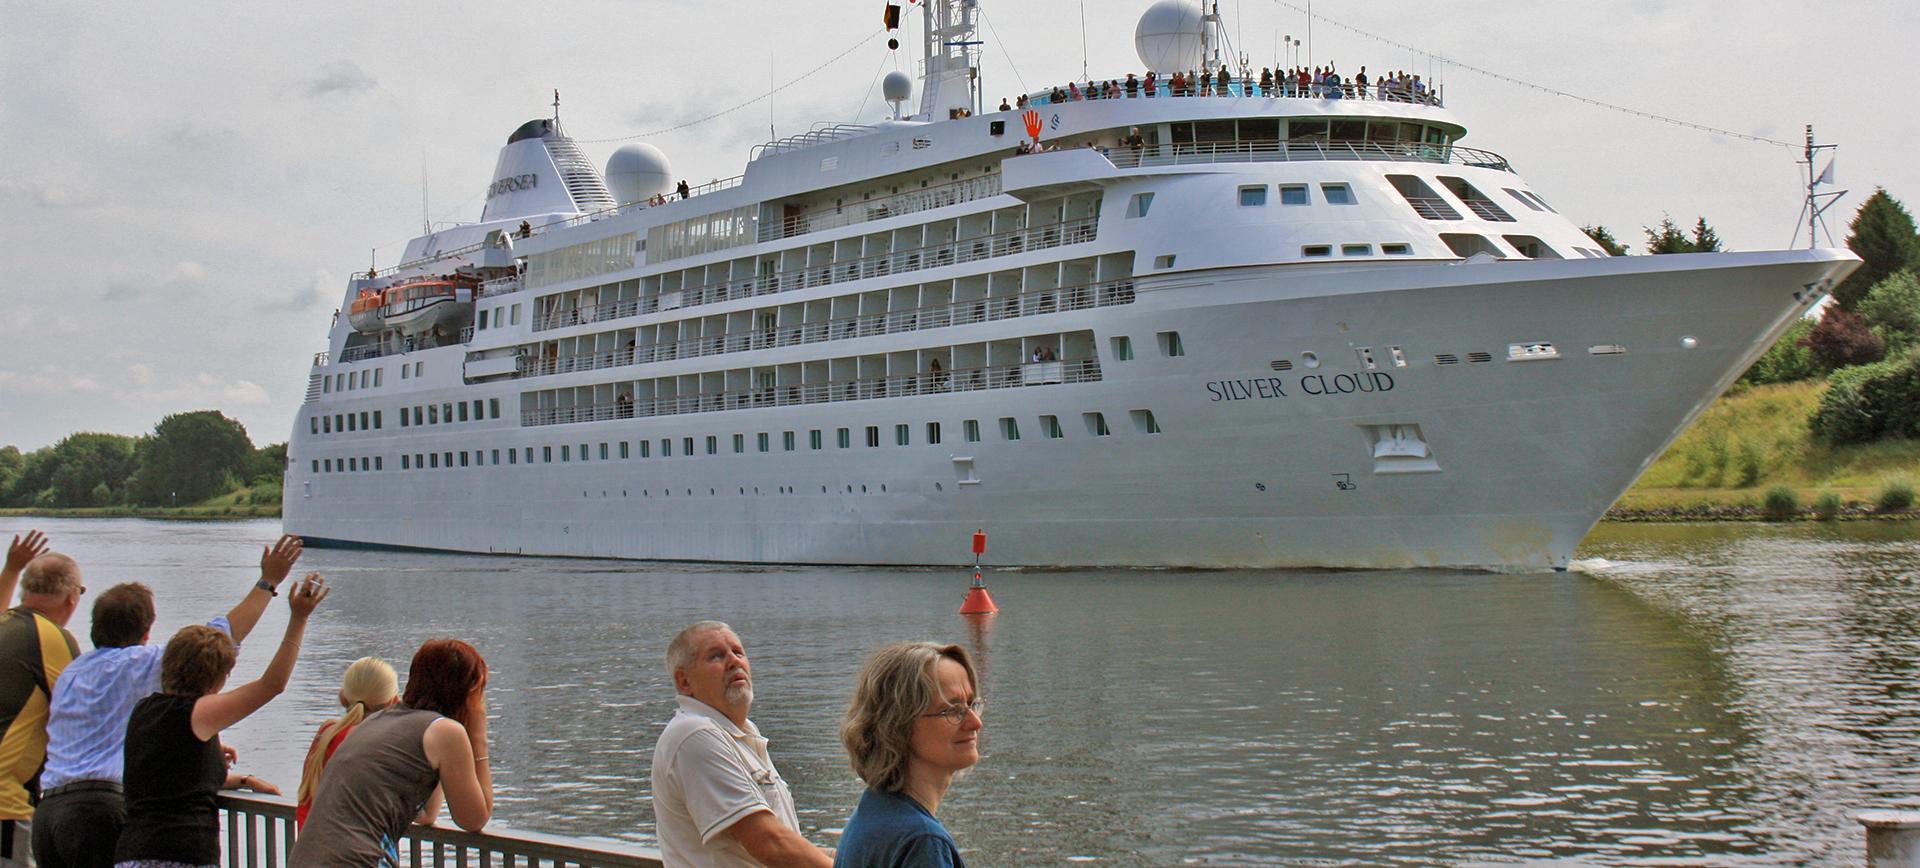 Die Silver Cloud im Nord-Ostsee-Kanal vor der Schiffsbegrüßungsanlage